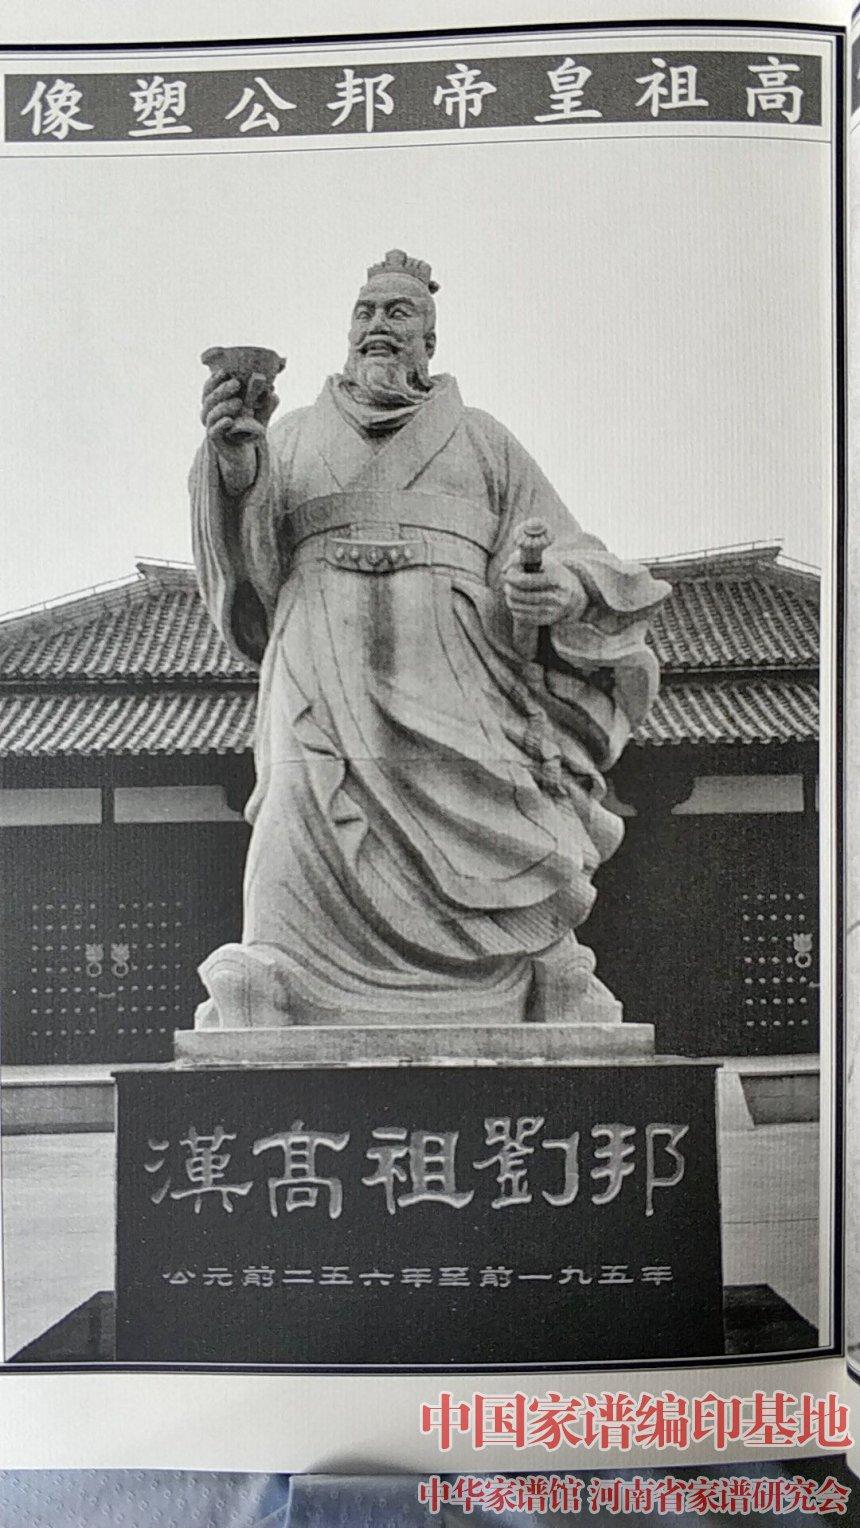 刘氏先祖像赞 (2).jpg